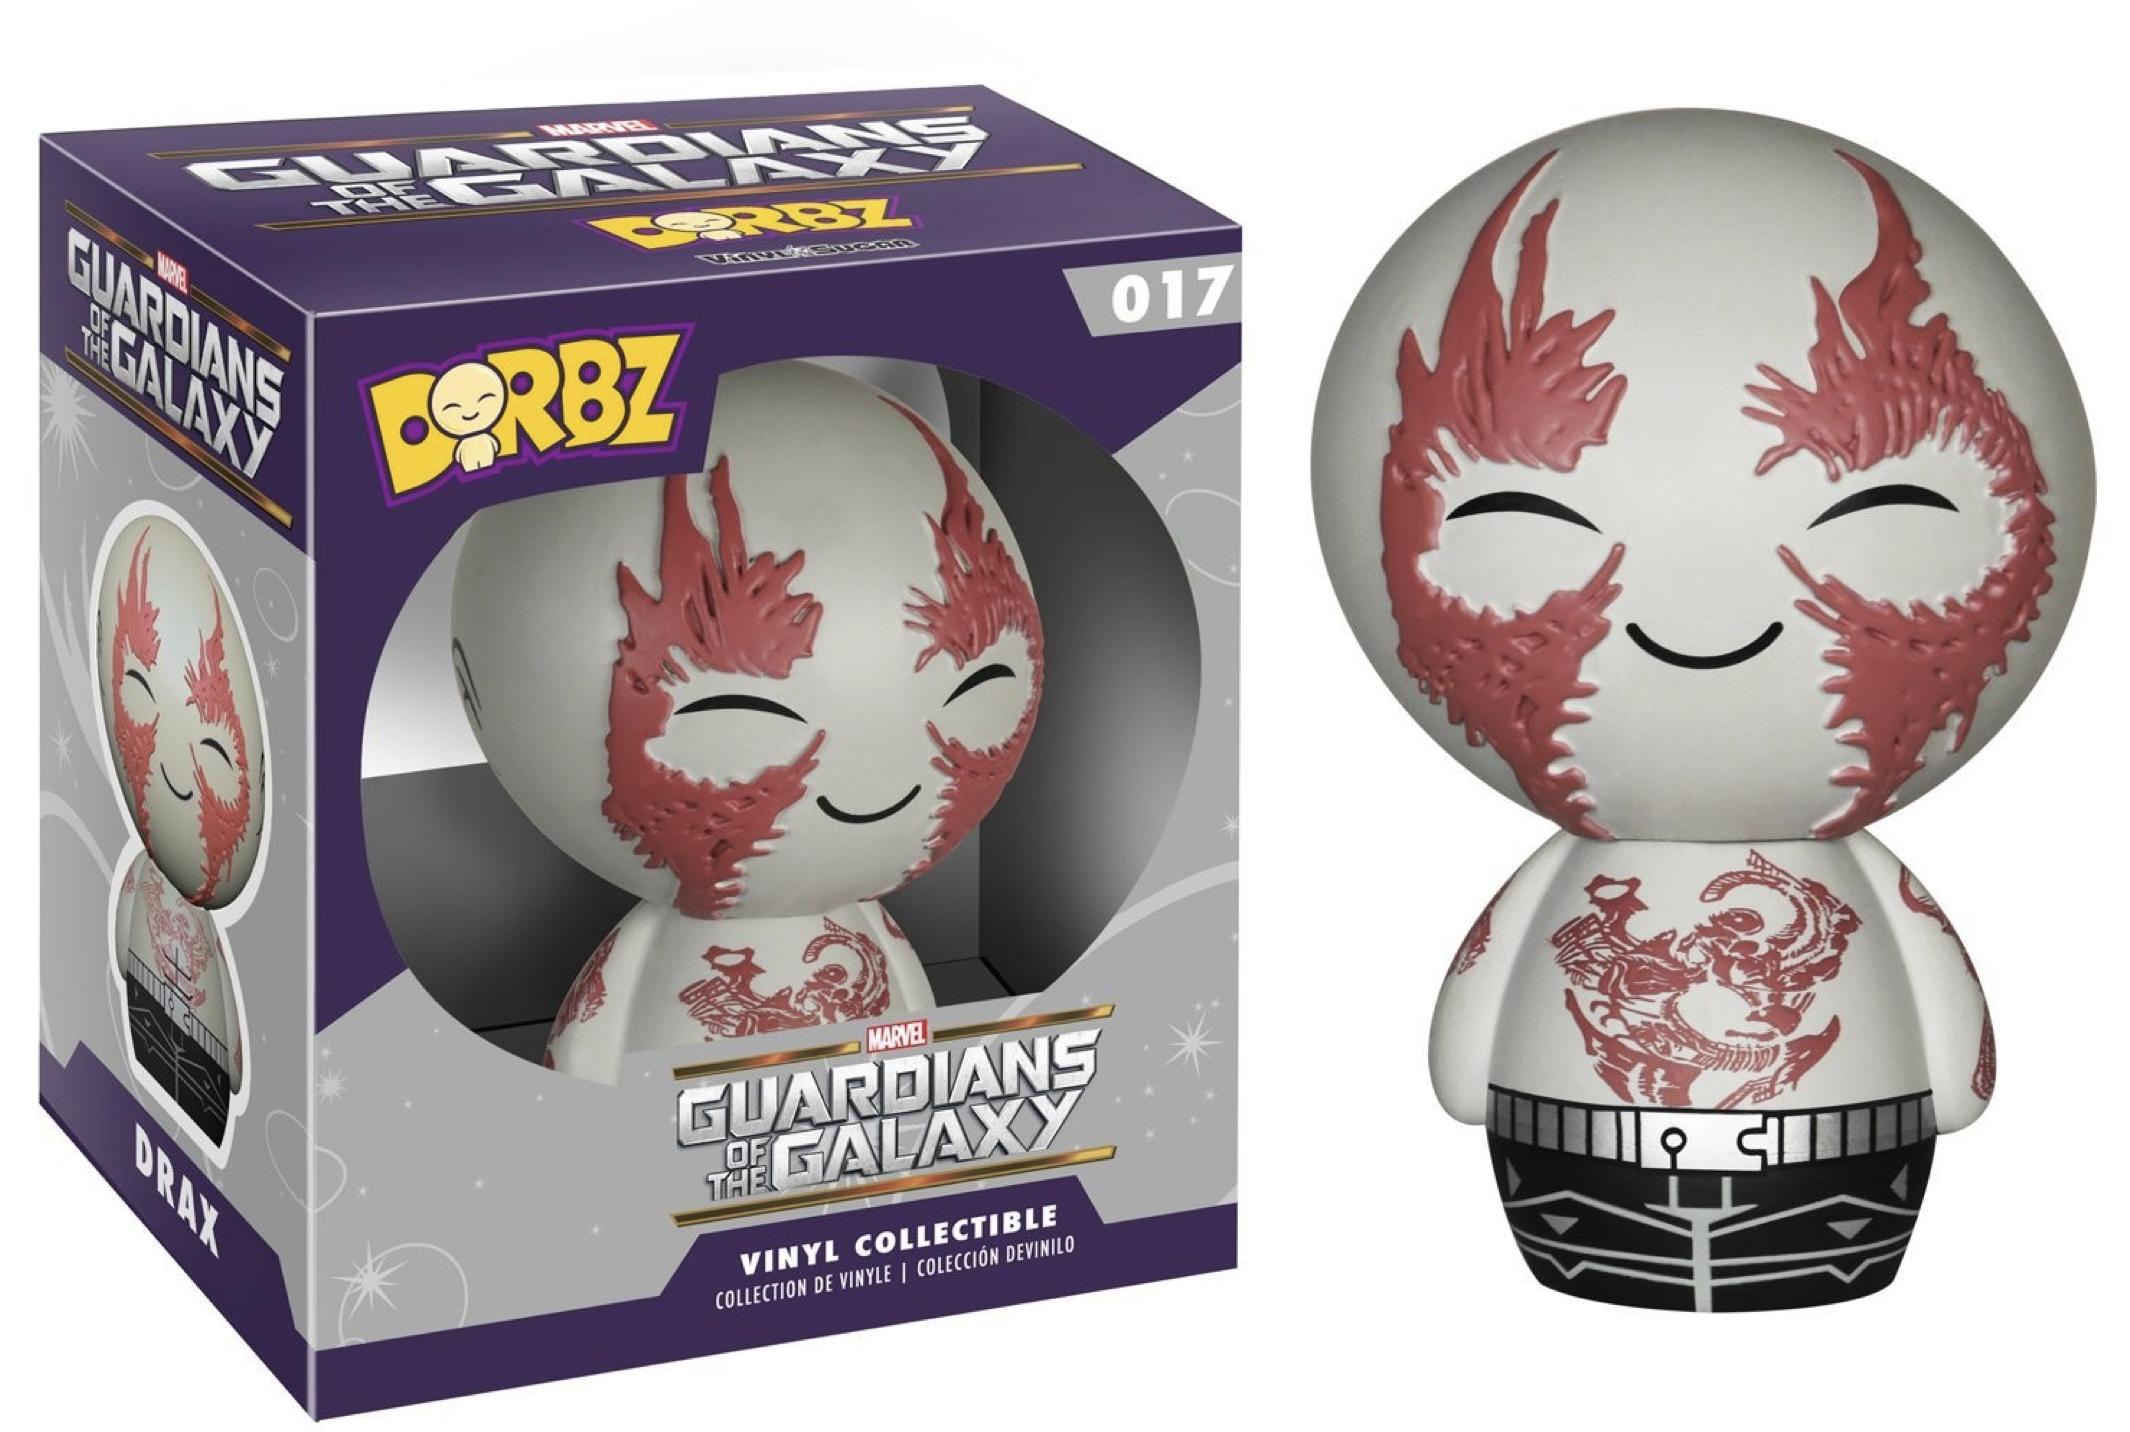 Guardians of the Galaxy - Vinyl Sugar Dorbz N° 017 : Drax